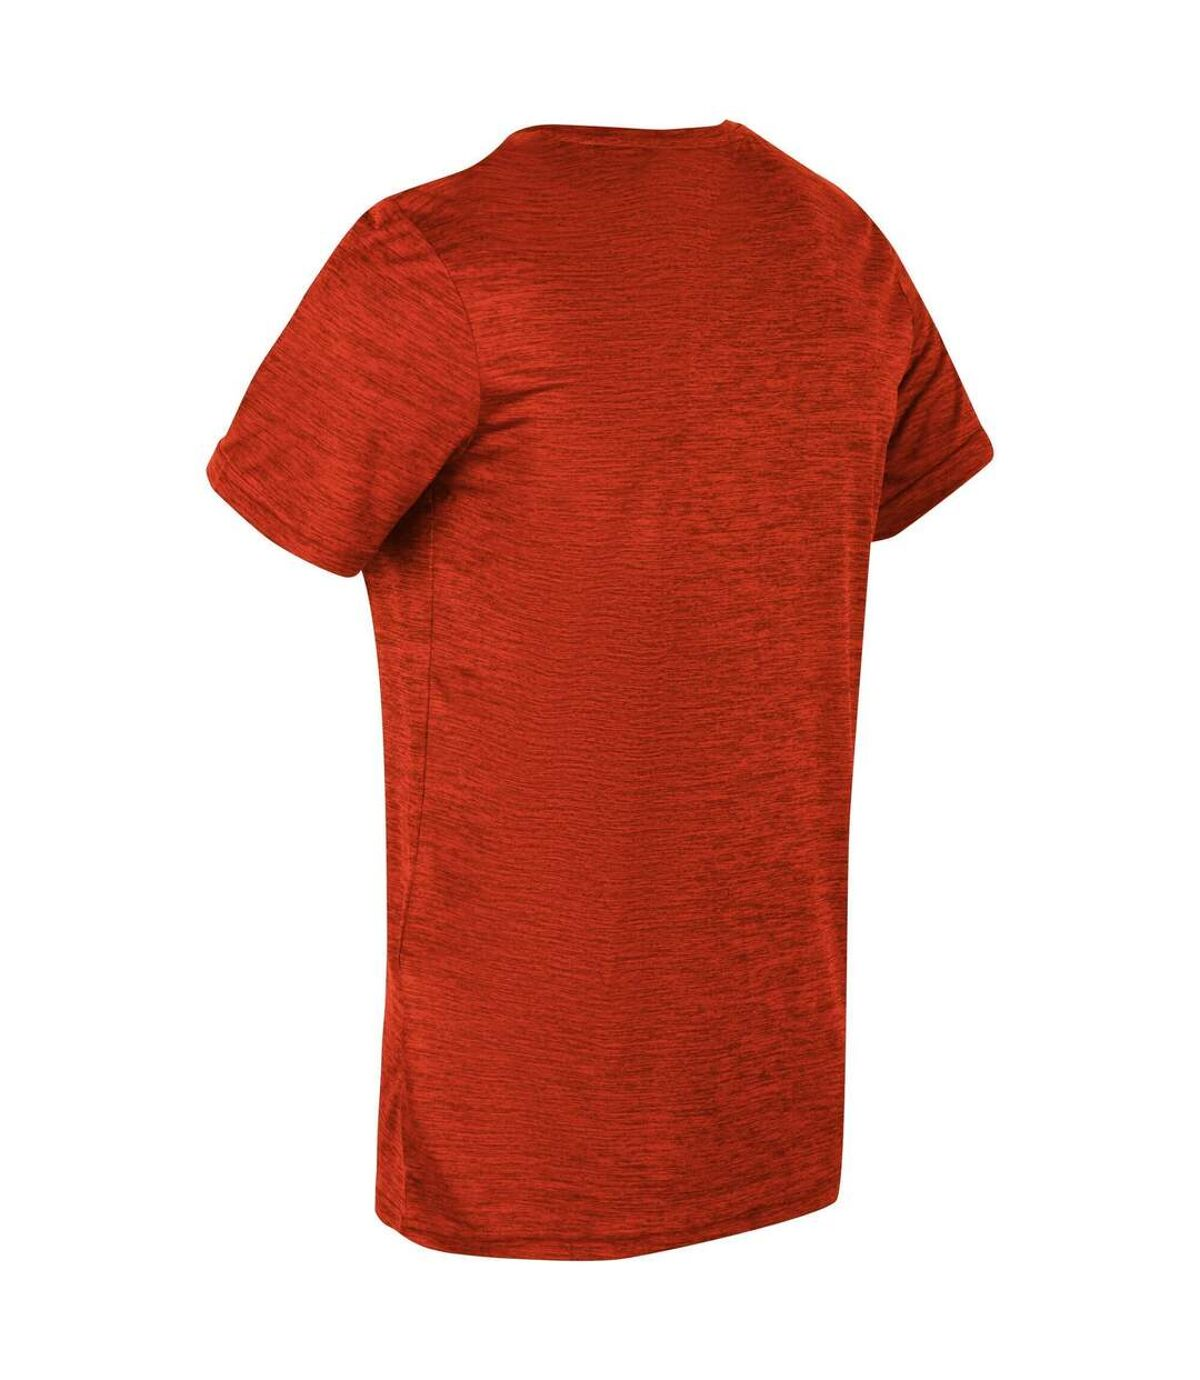 Regatta Mens Fingal Edition Marl T-Shirt (Burnt Salmon Marl) - UTRG5795